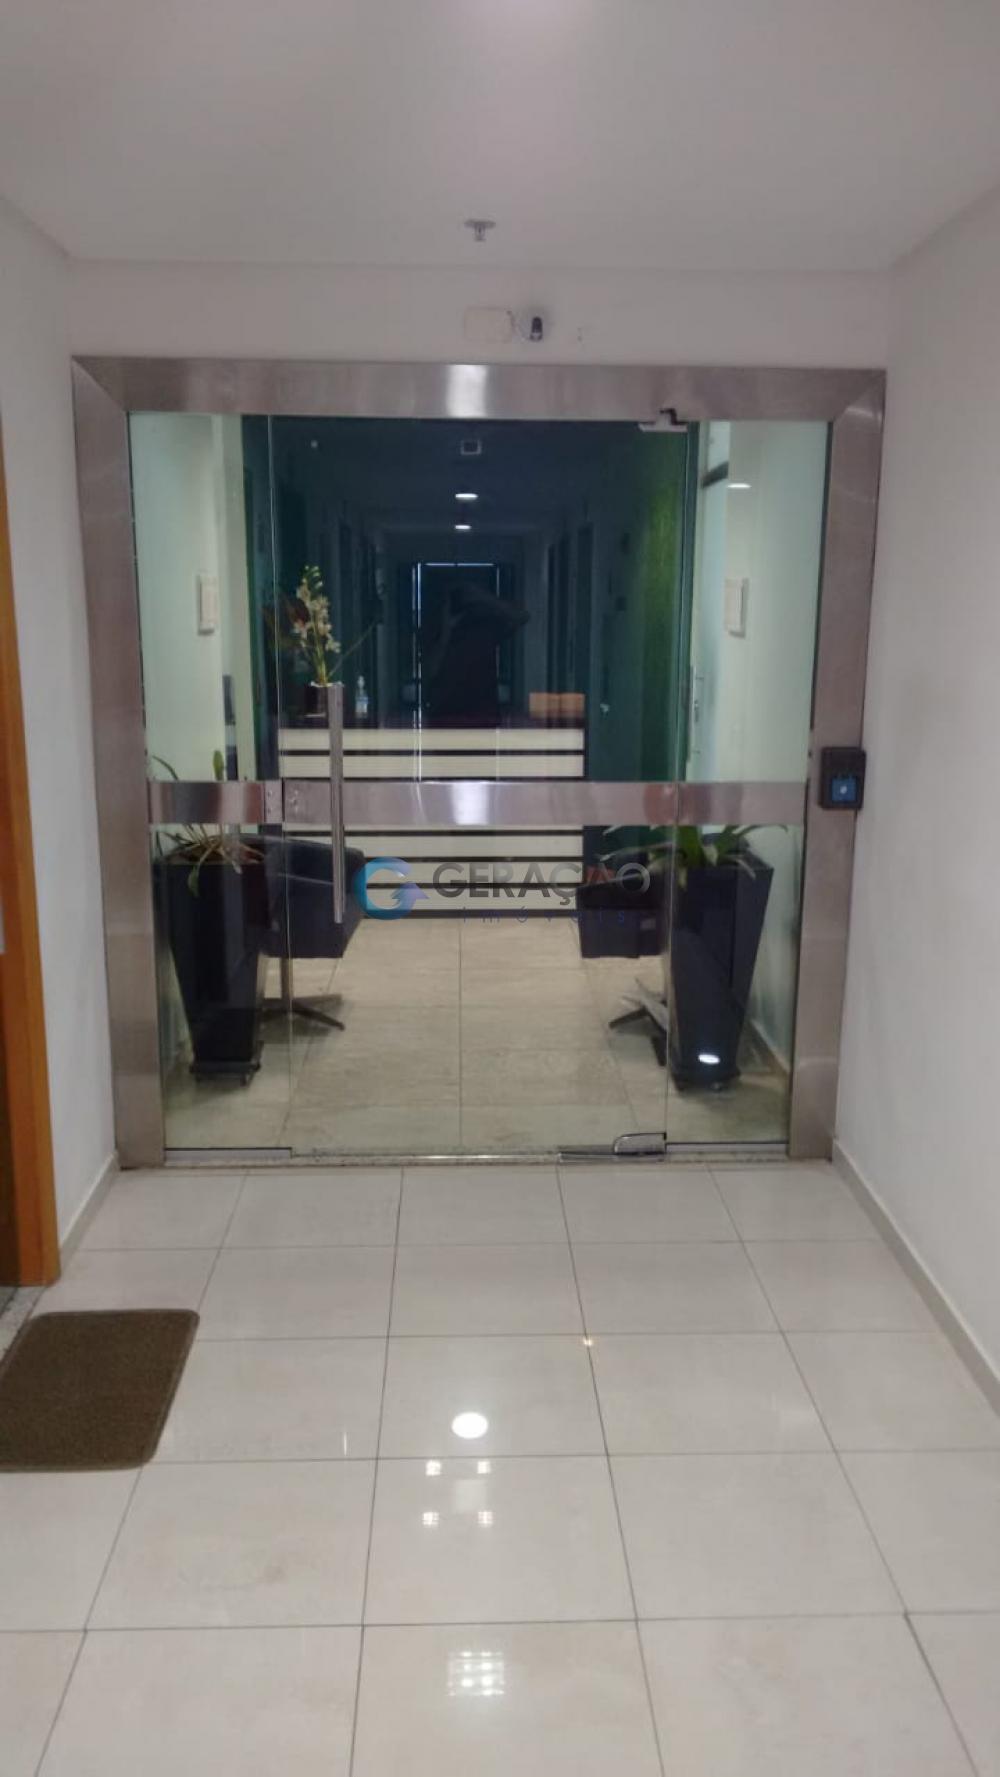 Alugar Comercial / Sala em Condomínio em São José dos Campos R$ 5.000,00 - Foto 1